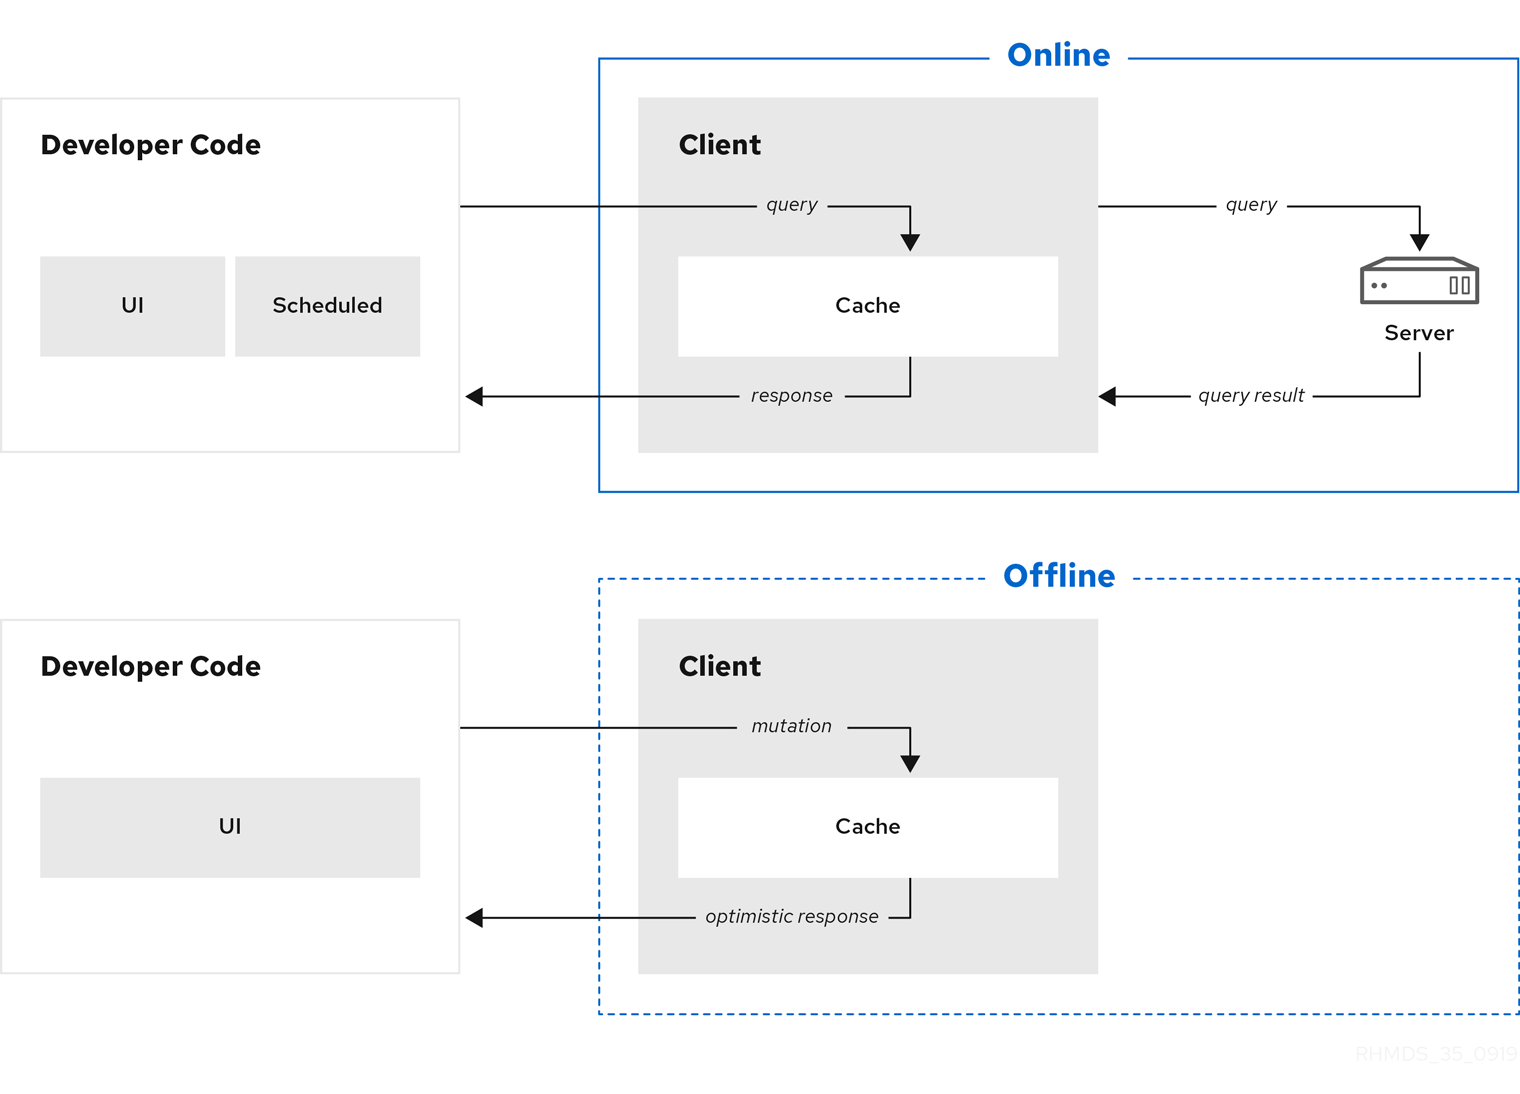 RHMDS Data Sync 35 0919 online offline